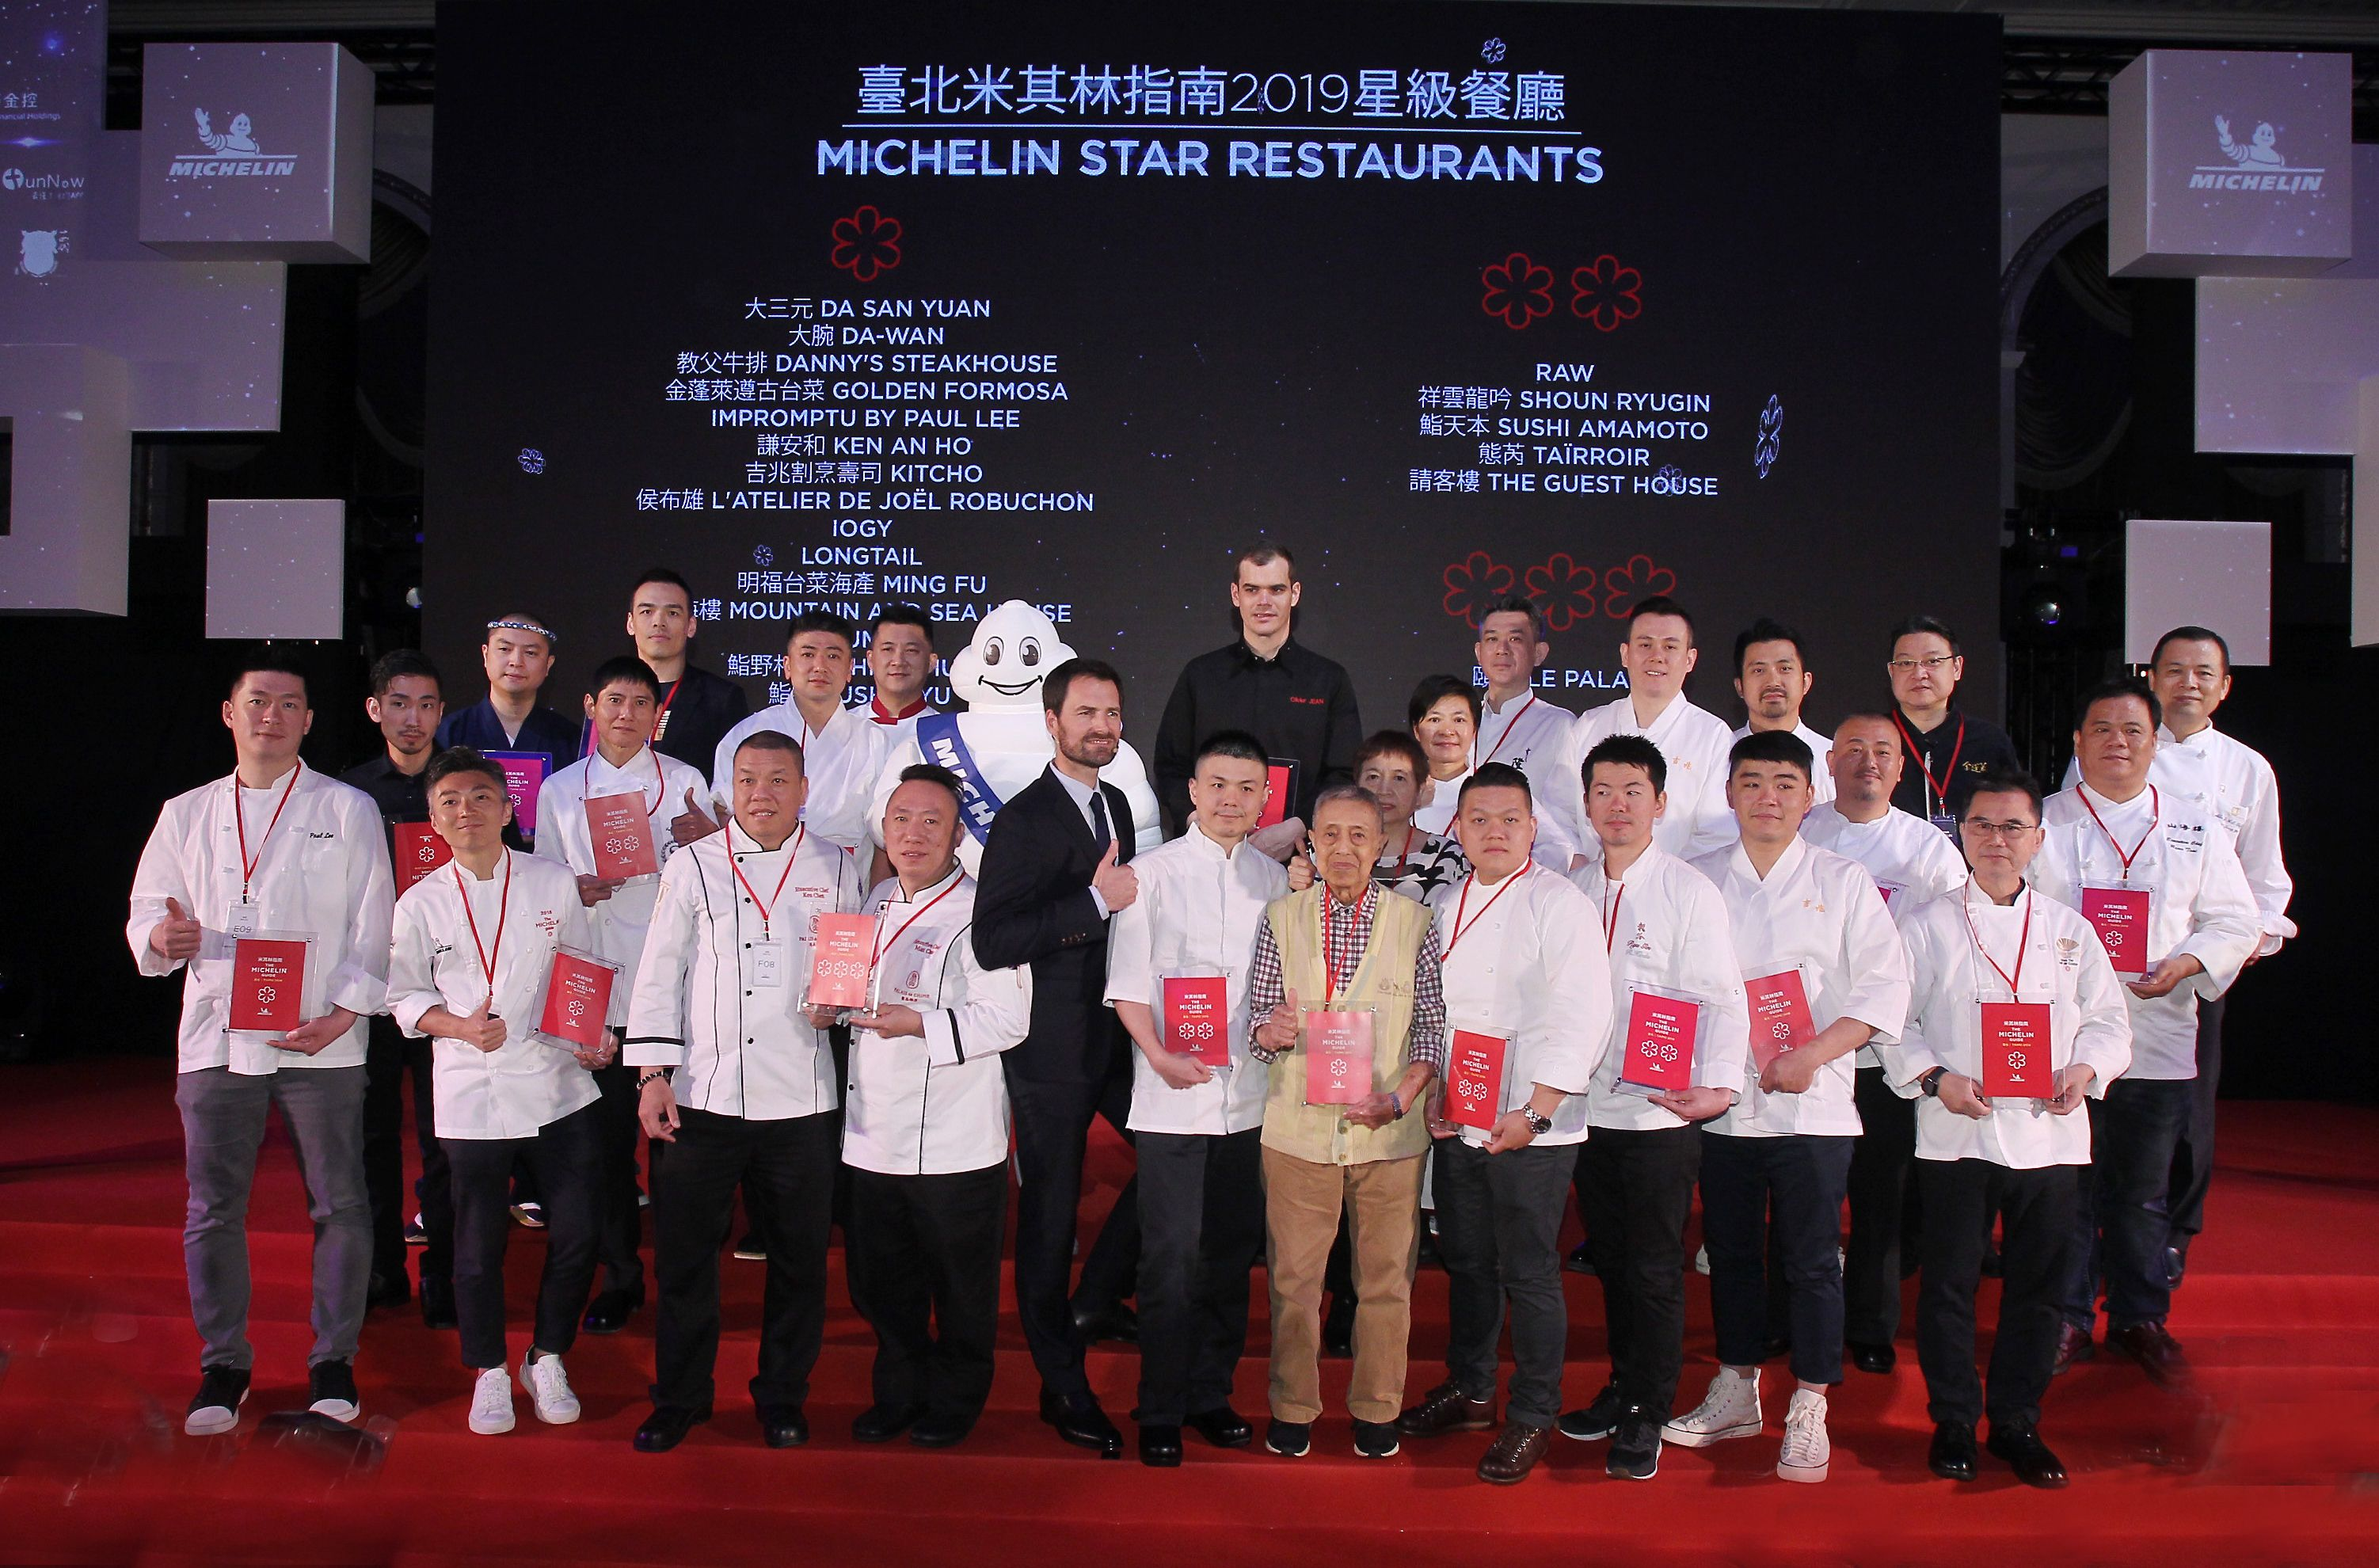 2019台北米其林一星、二星、三星餐廳得獎主廚大合照。(記者邱榮吉/攝影)